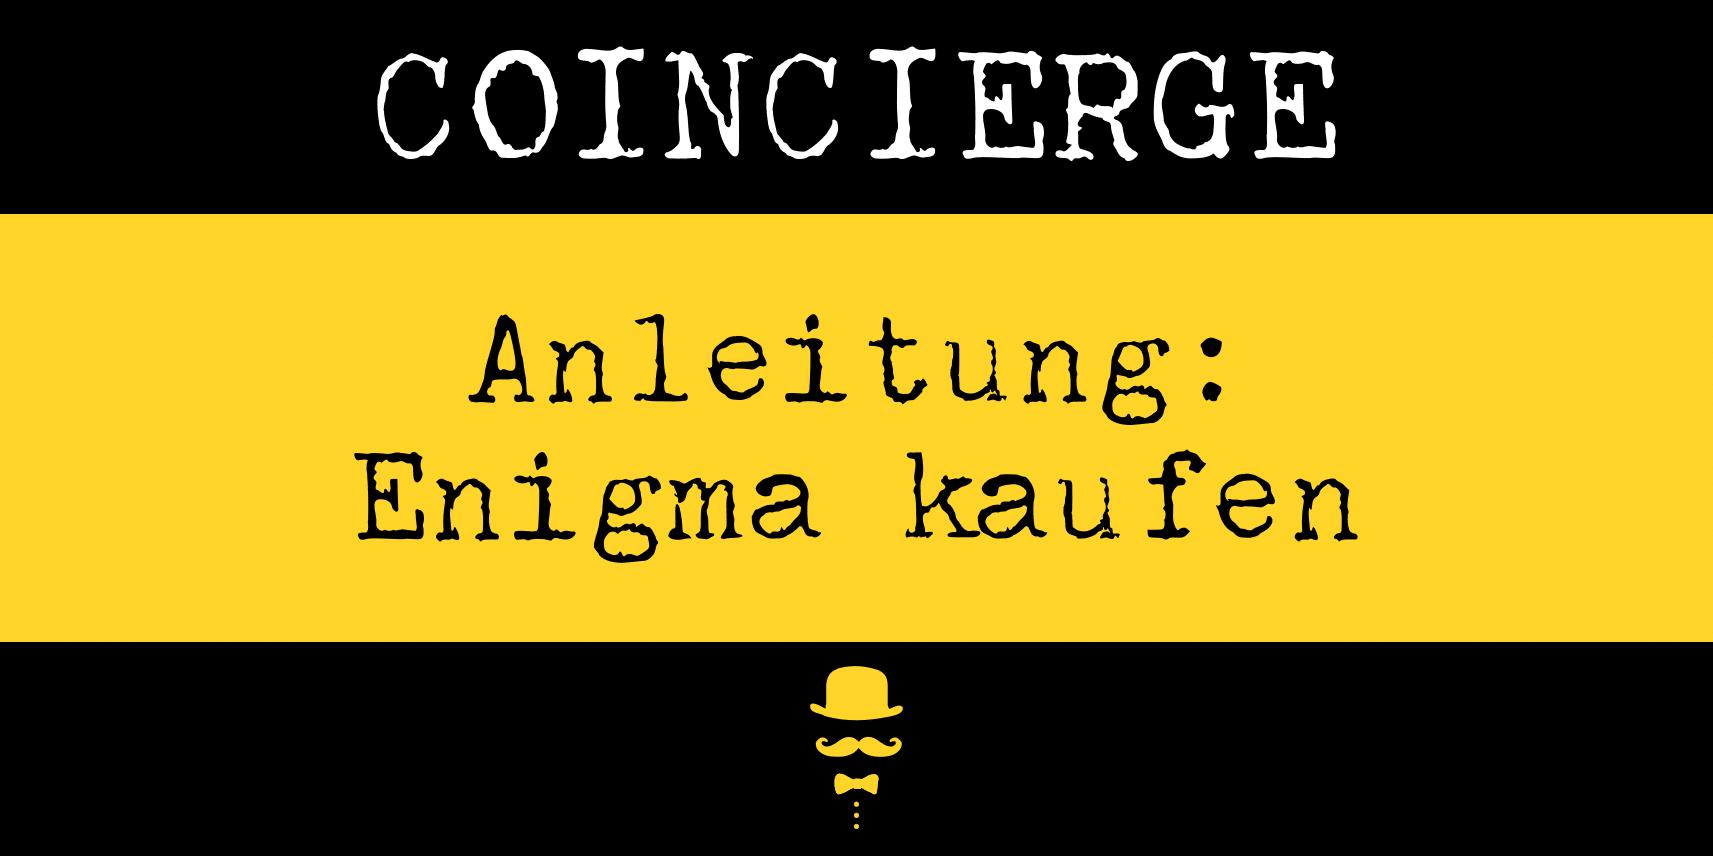 Enigma Kaufen